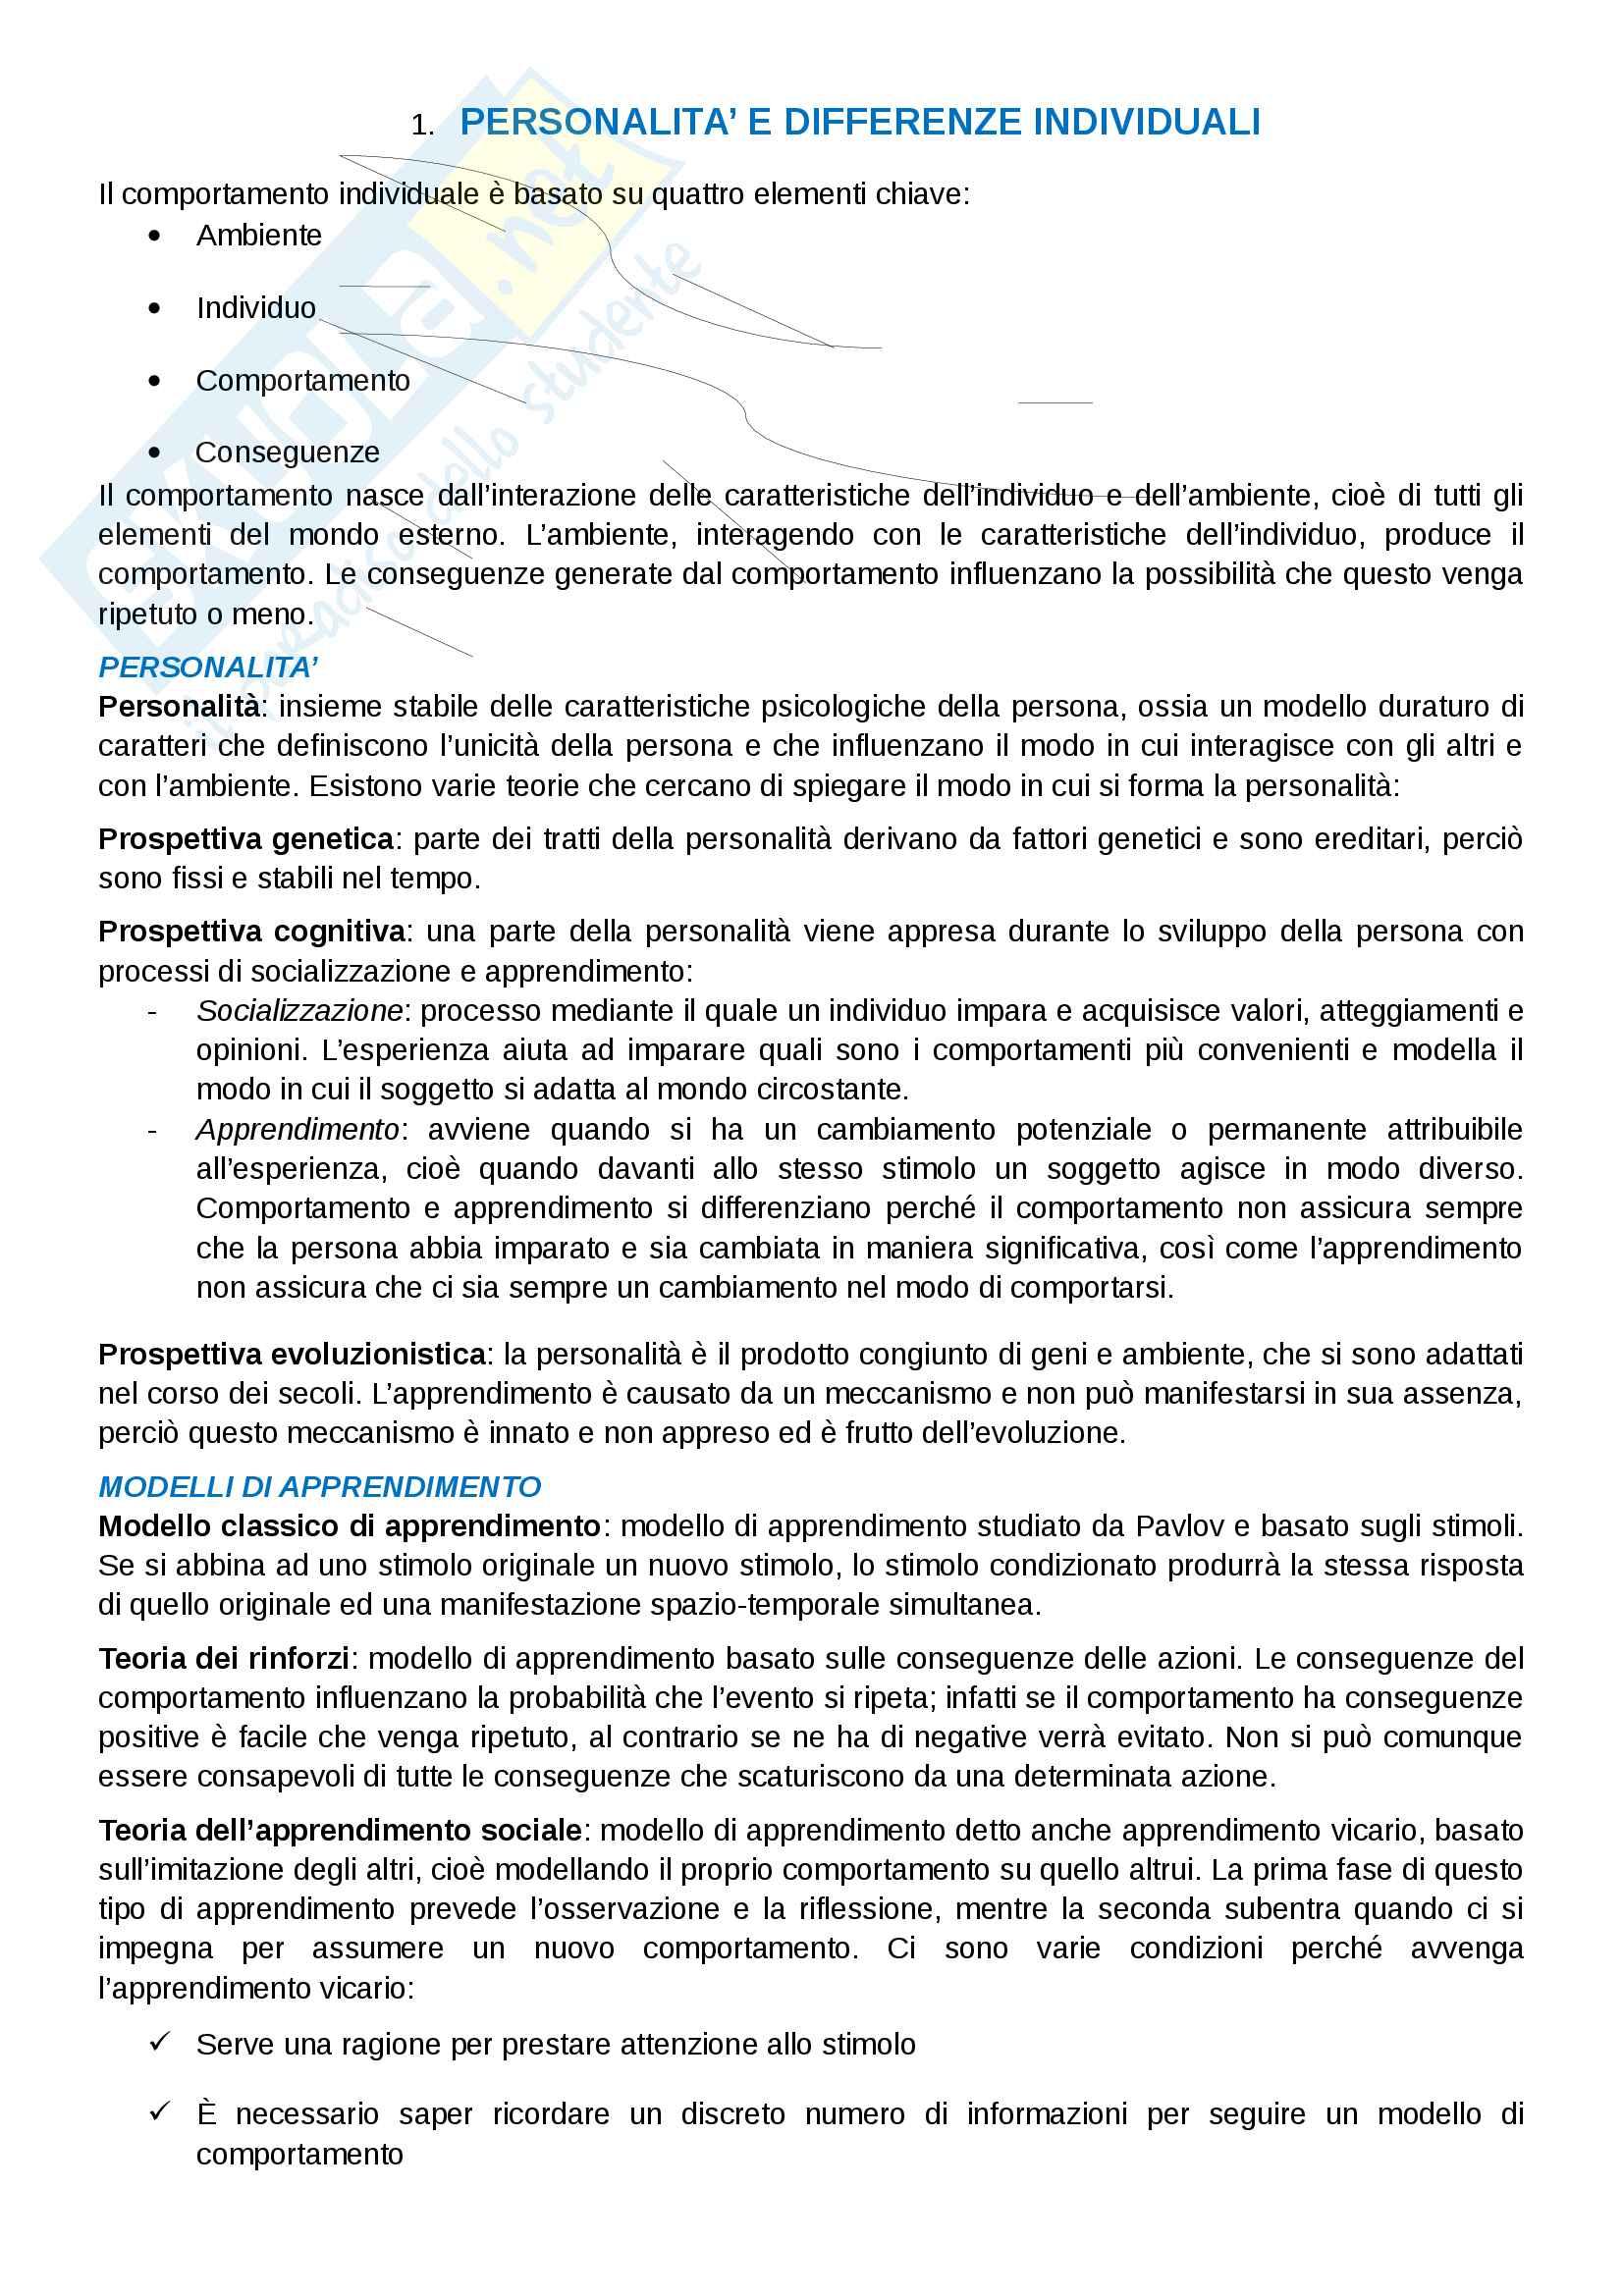 """Riassunto esame organizzazione aziendale, prof. Morandin, libro consigliato """"Comportamento organizzativo"""" di Tosi e Pilati (1°parziale)"""